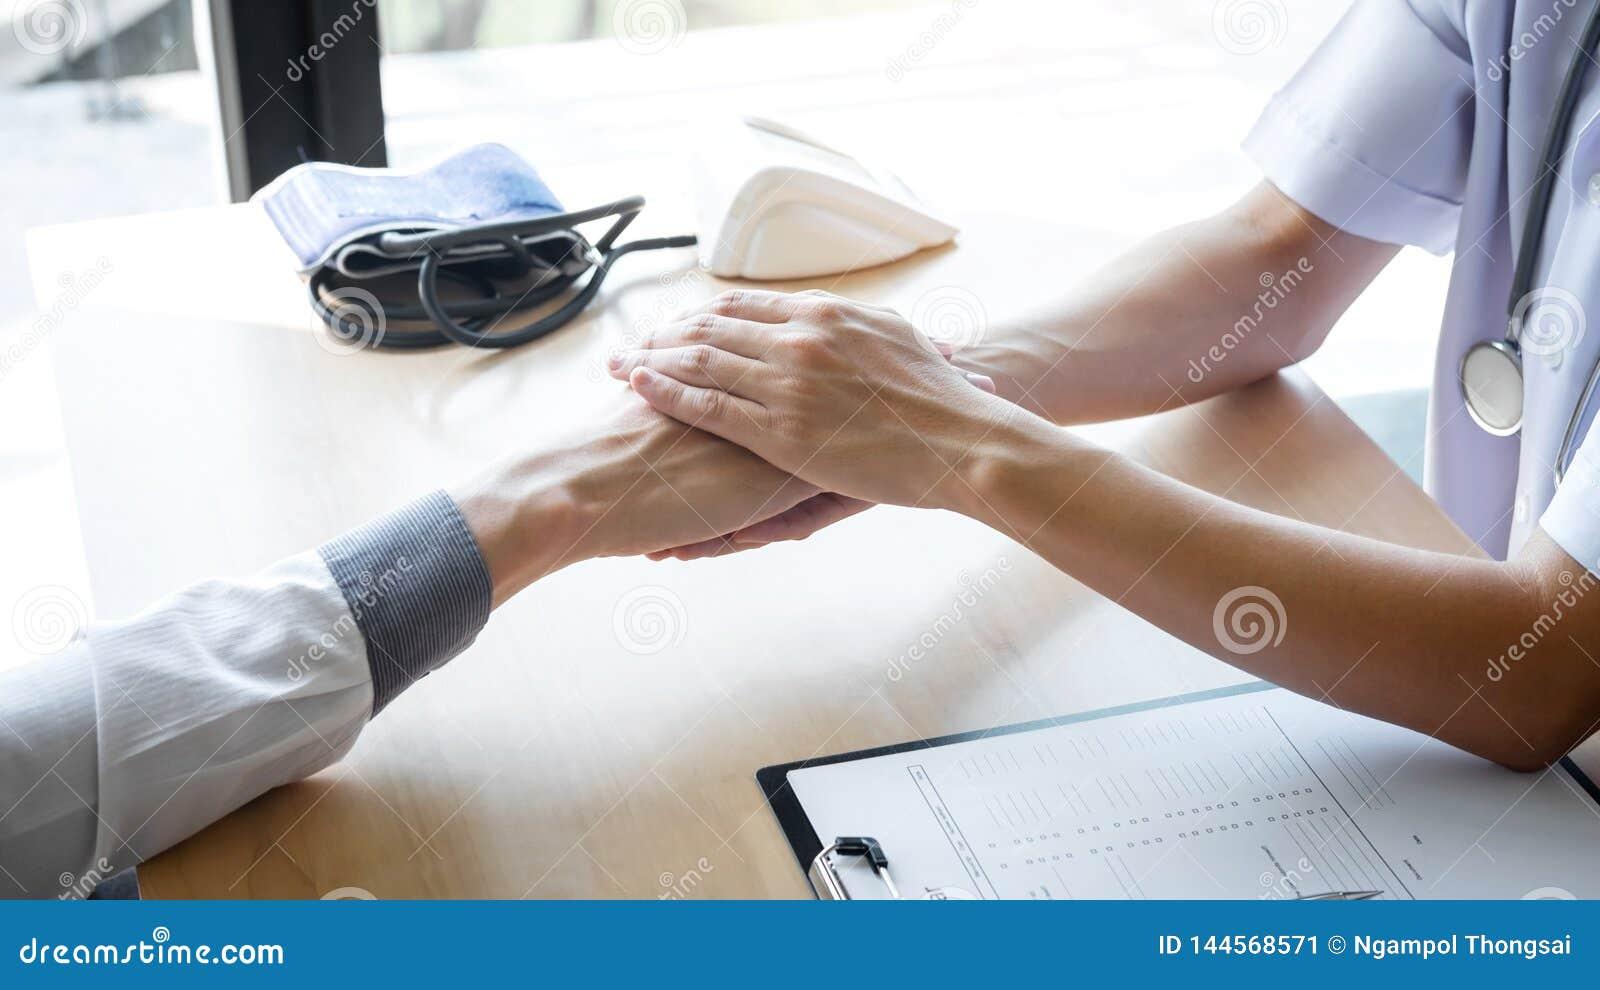 Bild von Doktor die Hand des Patienten halten, um anzuregen, sprechend mit dem geduldigem Zujubeln und Unterst?tzung